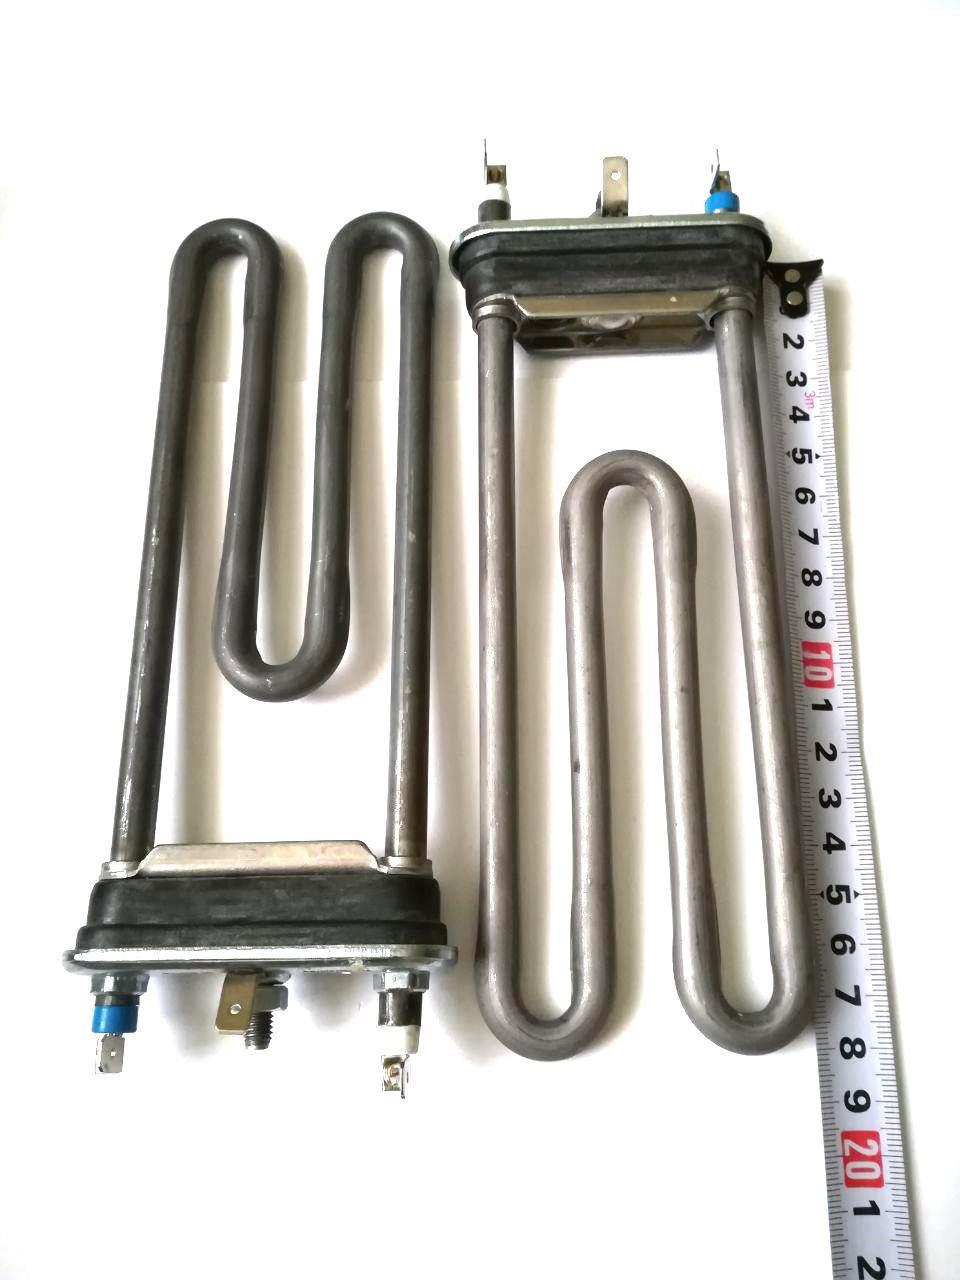 Тэн на стиральную машину 1900W (без отверстия под датчик) / L=175мм / Thermowatt (Италия)